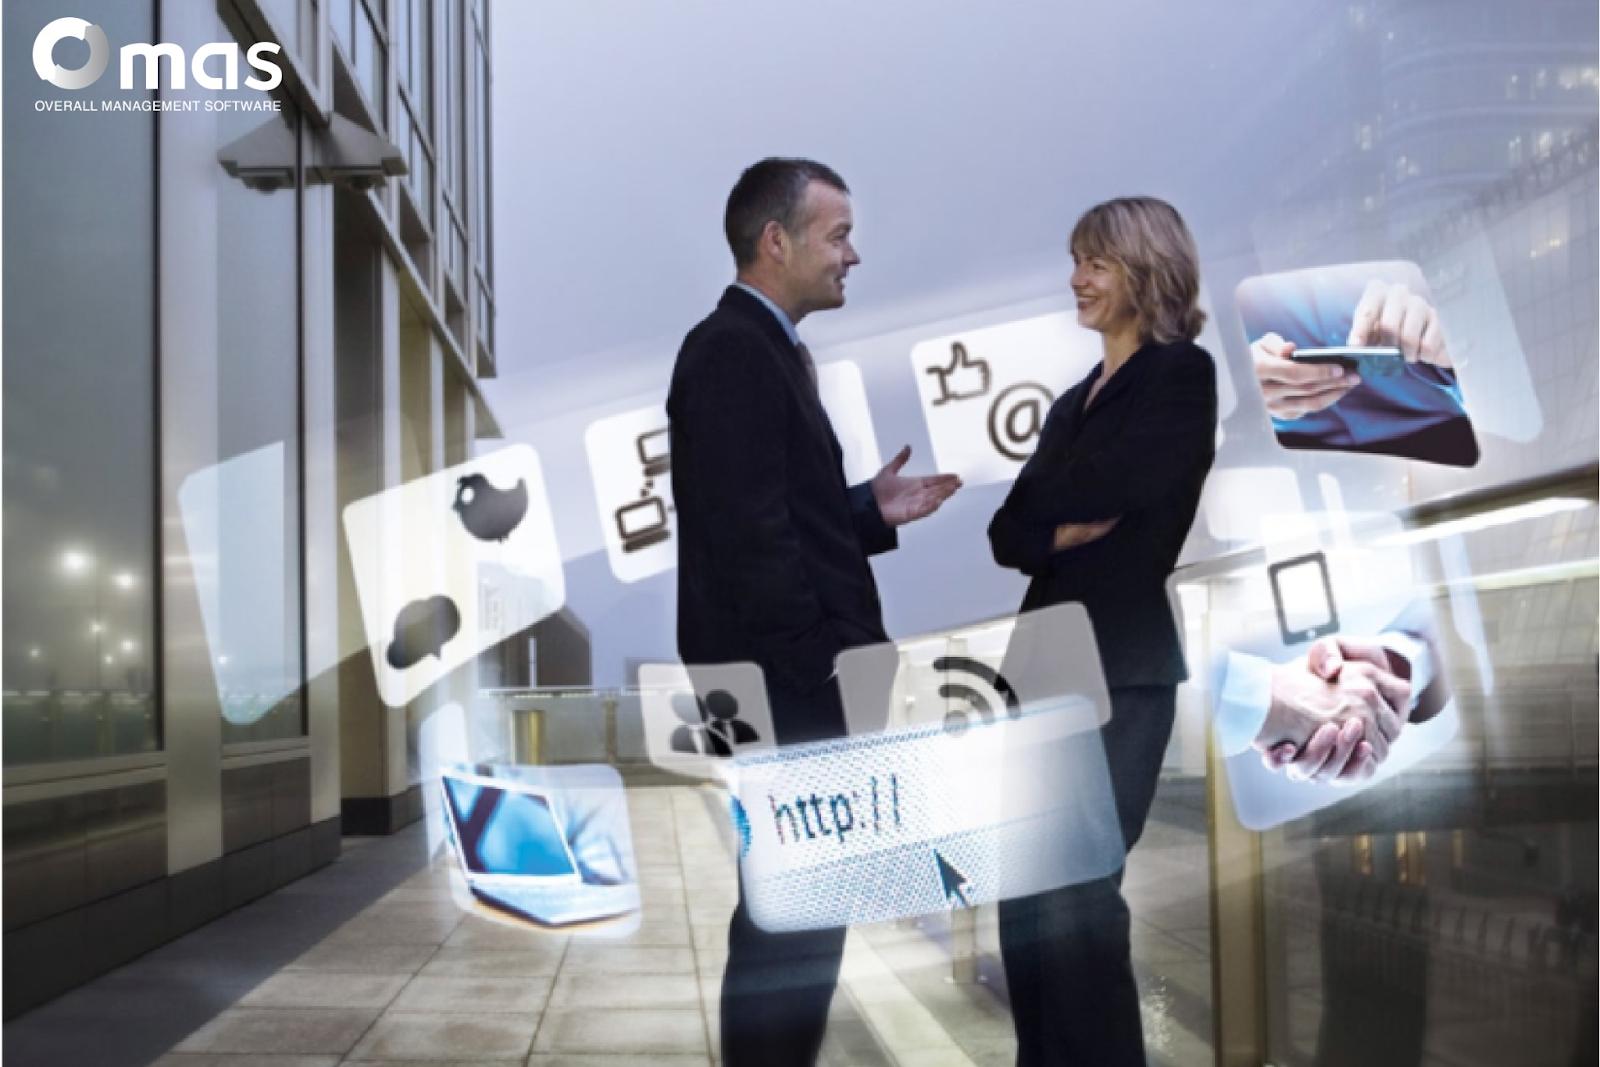 Tìm nhà cung cấp tốt sẽ giúp doanh nghiệp tiết kiệm được nhiều chi phí